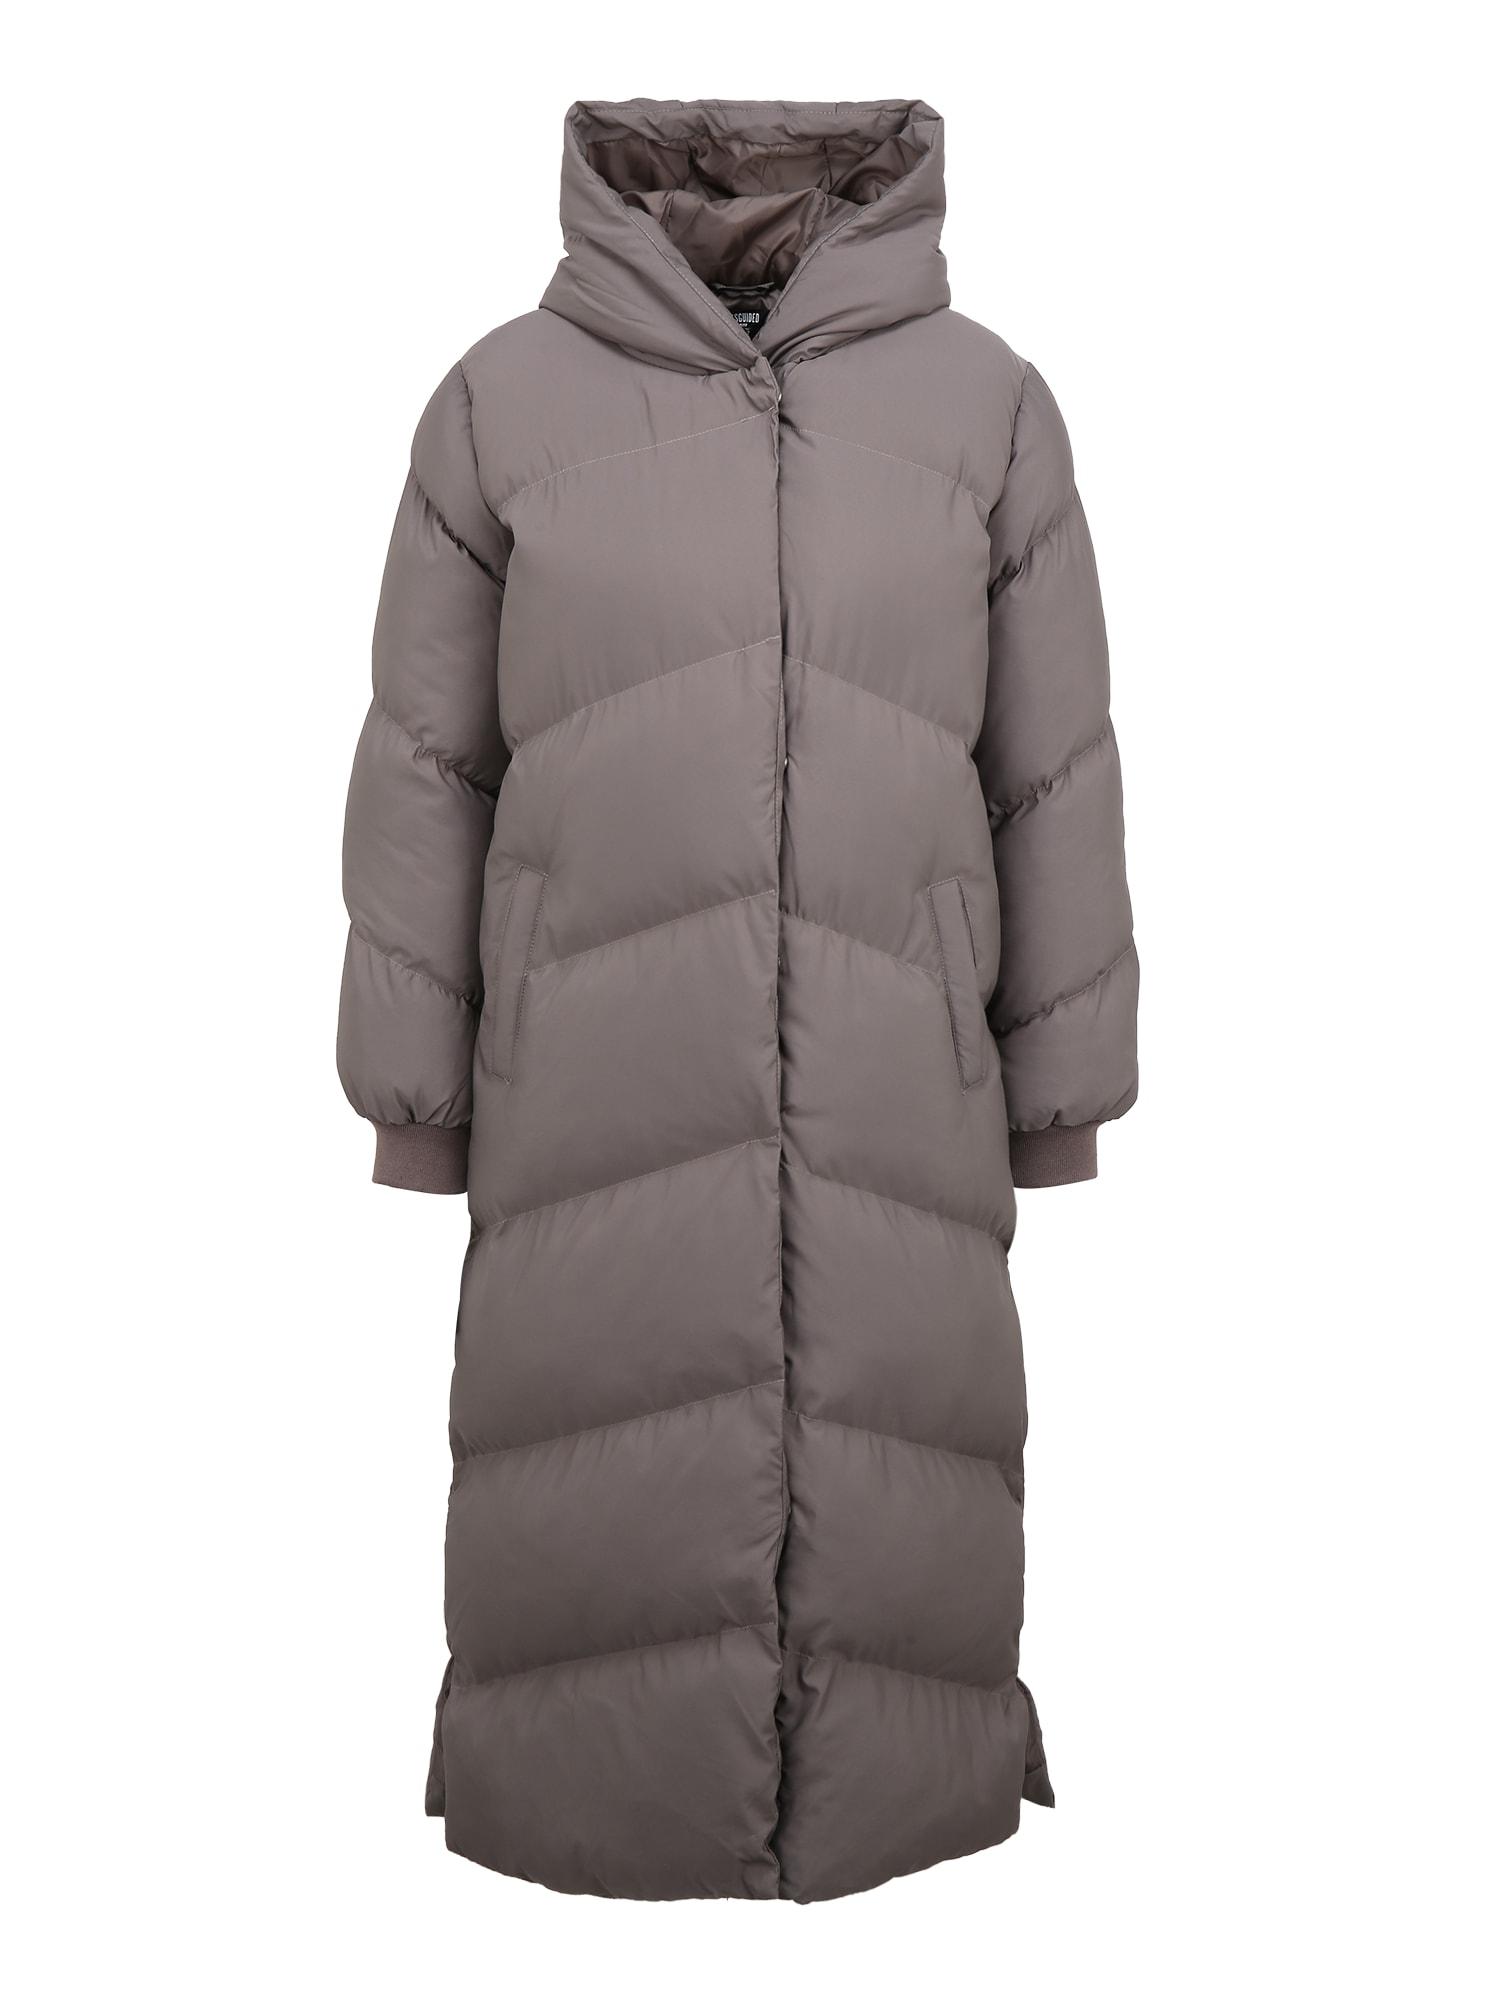 Missguided (Petite) Žieminis paltas pilka